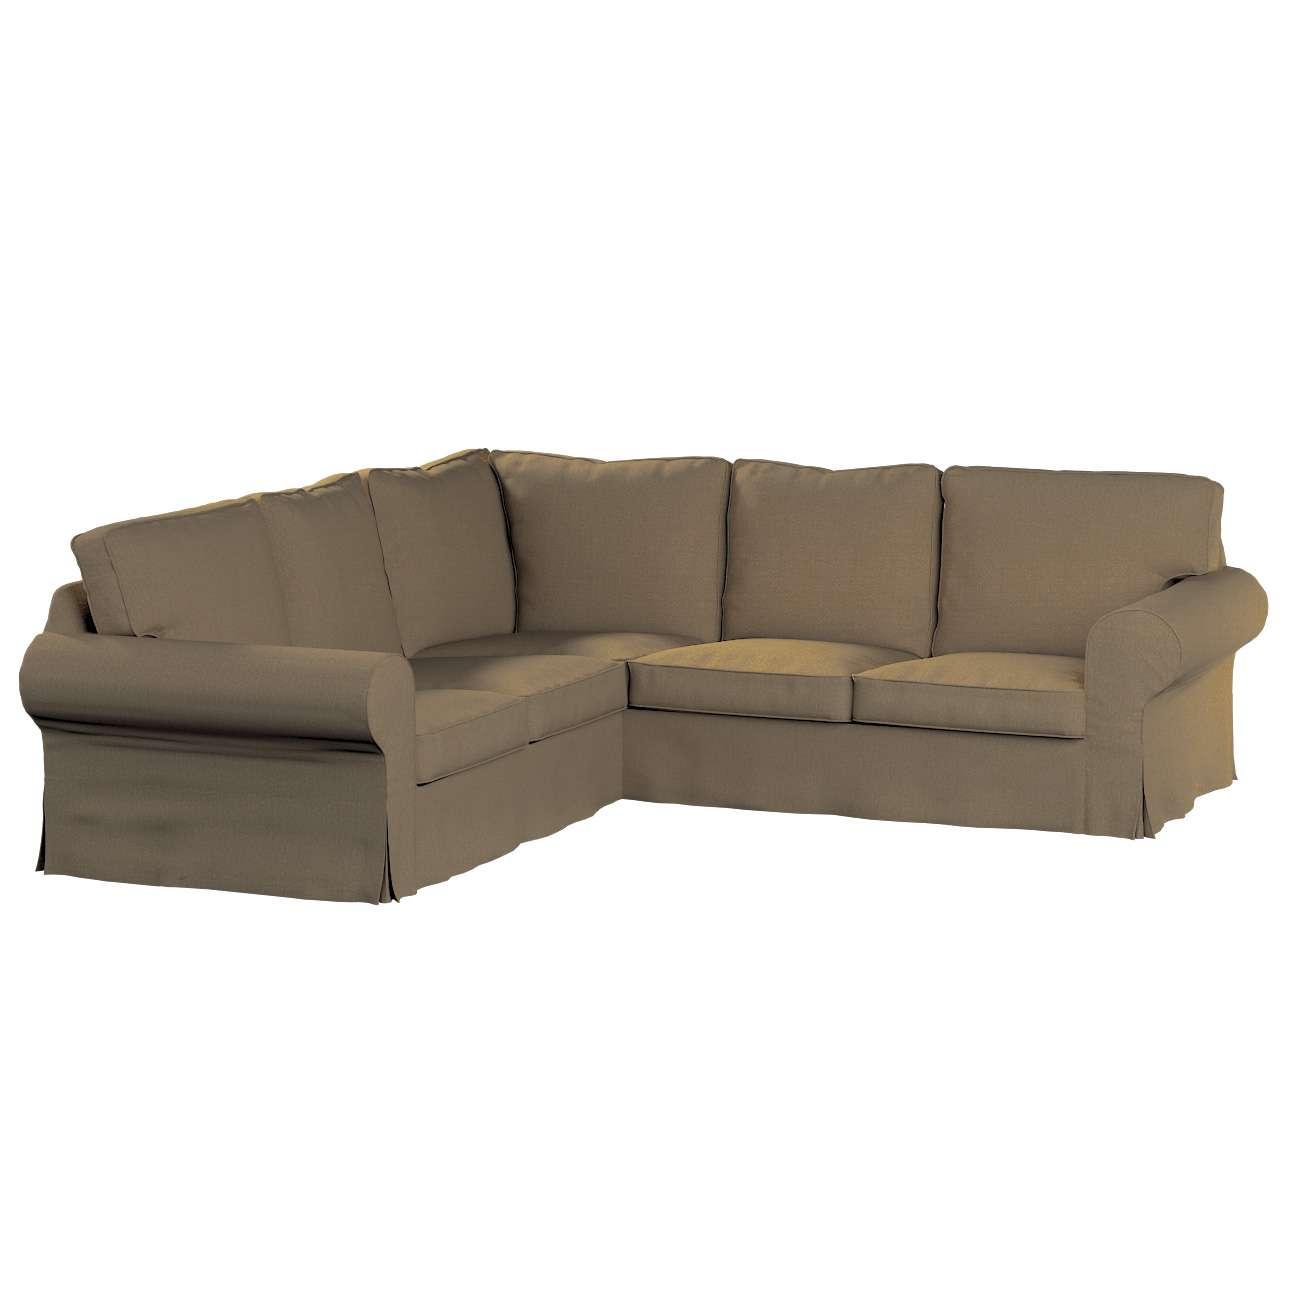 Pokrowiec na sofę narożną Ektorp w kolekcji Chenille, tkanina: 702-21